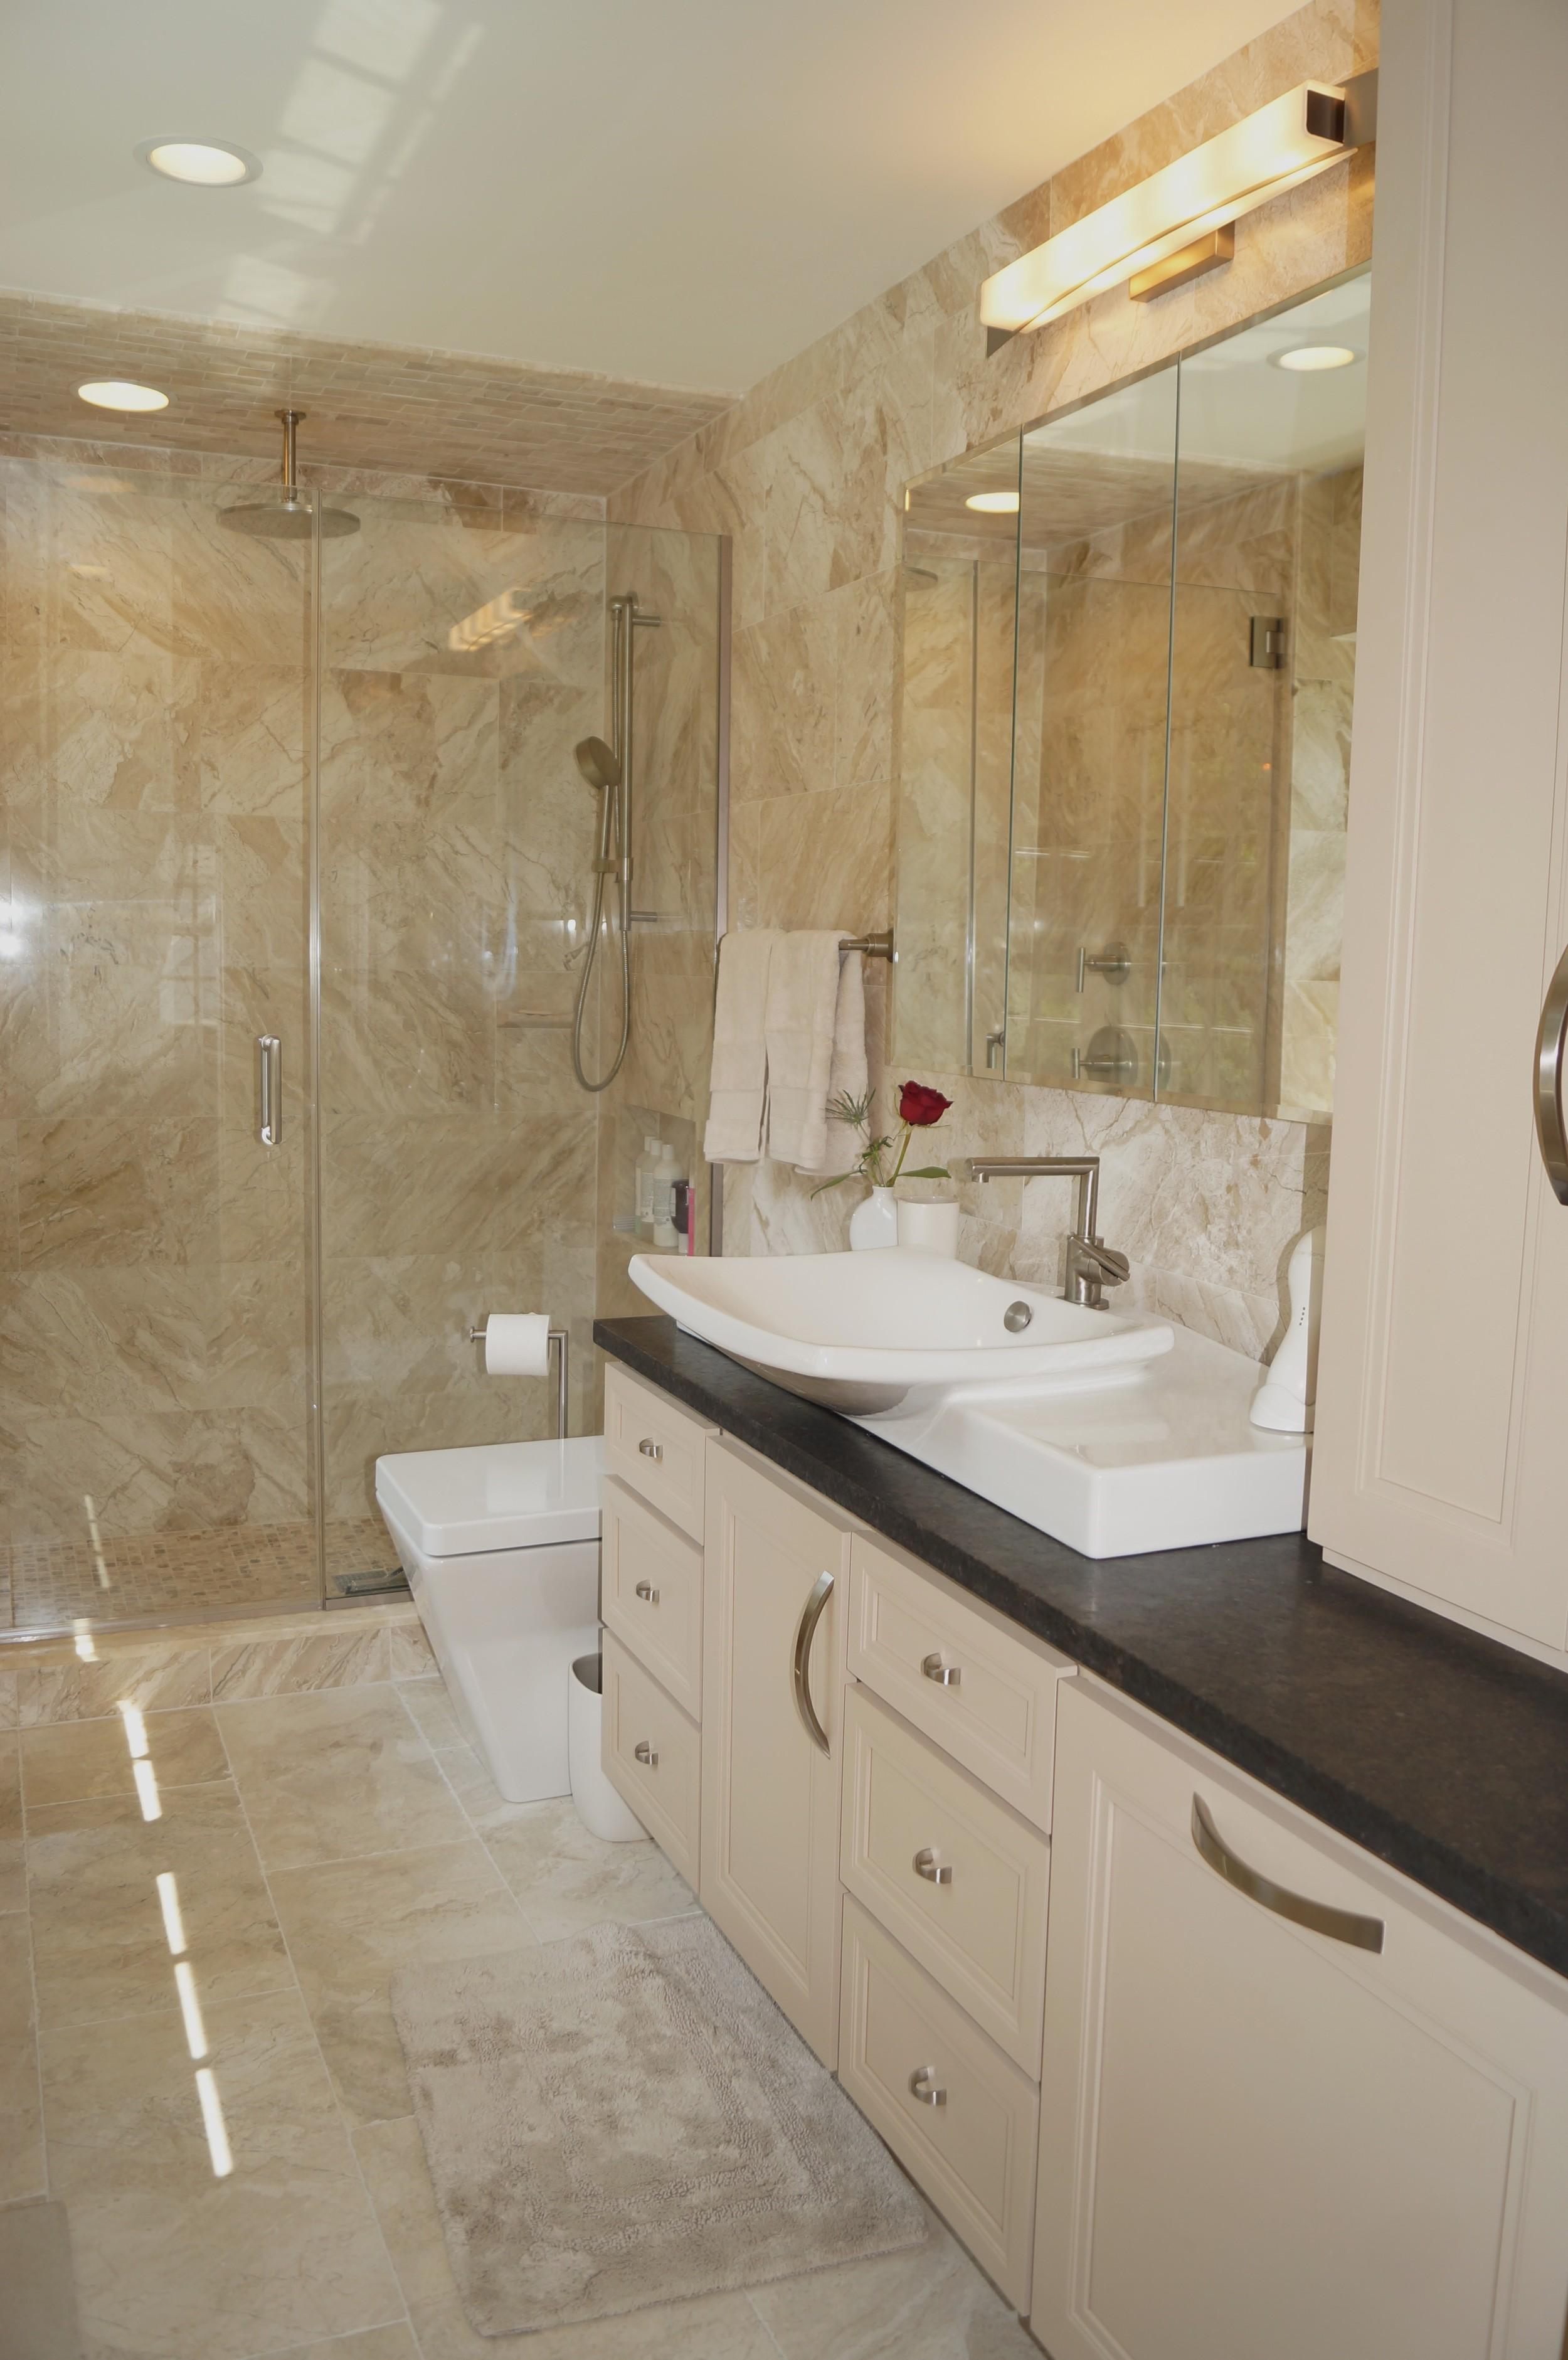 Bathroom remodel in Jenkintown, PA